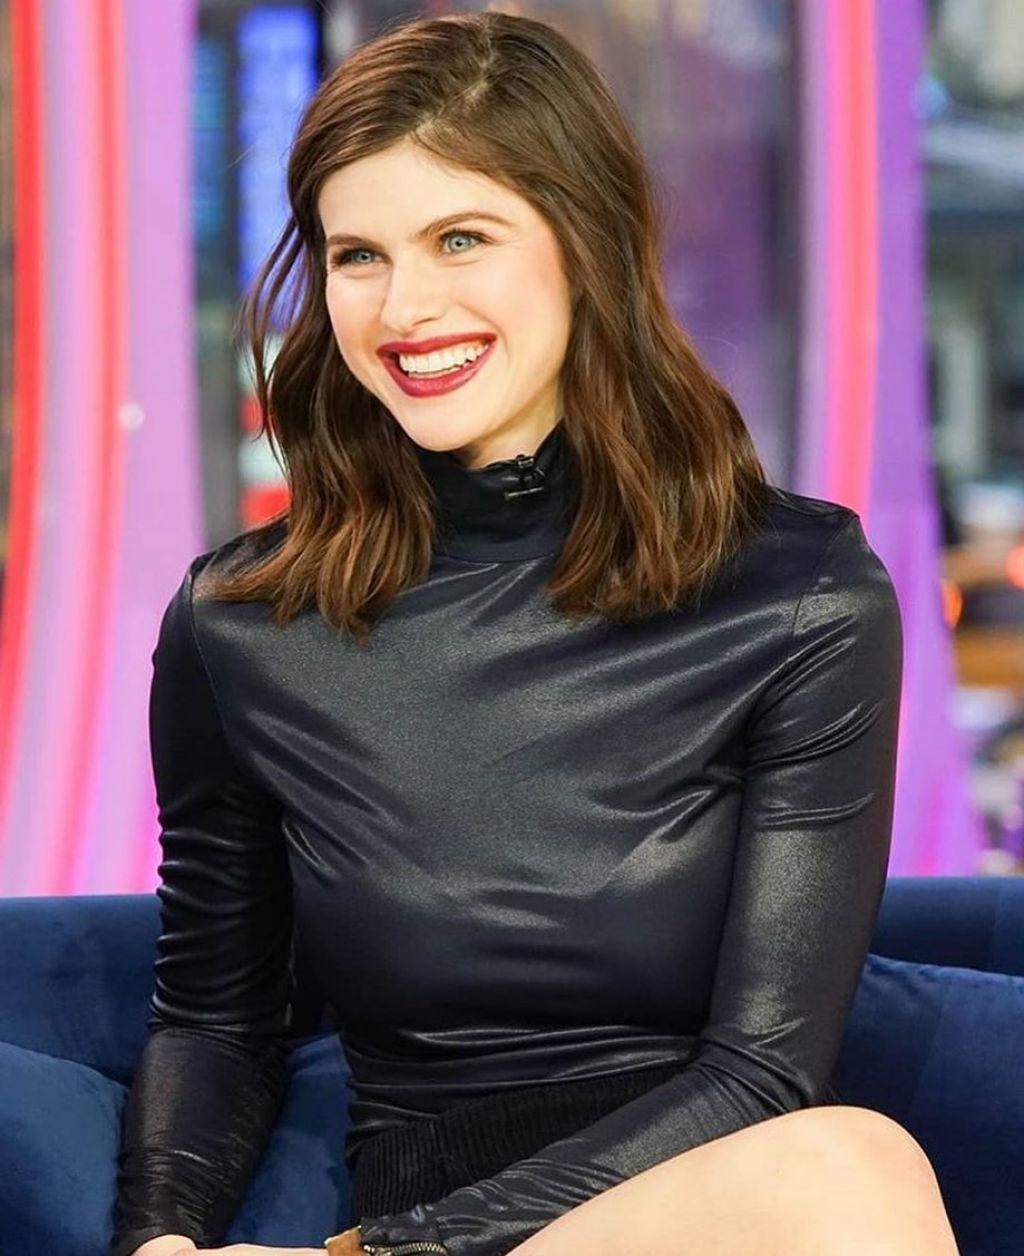 Alexandra dadario